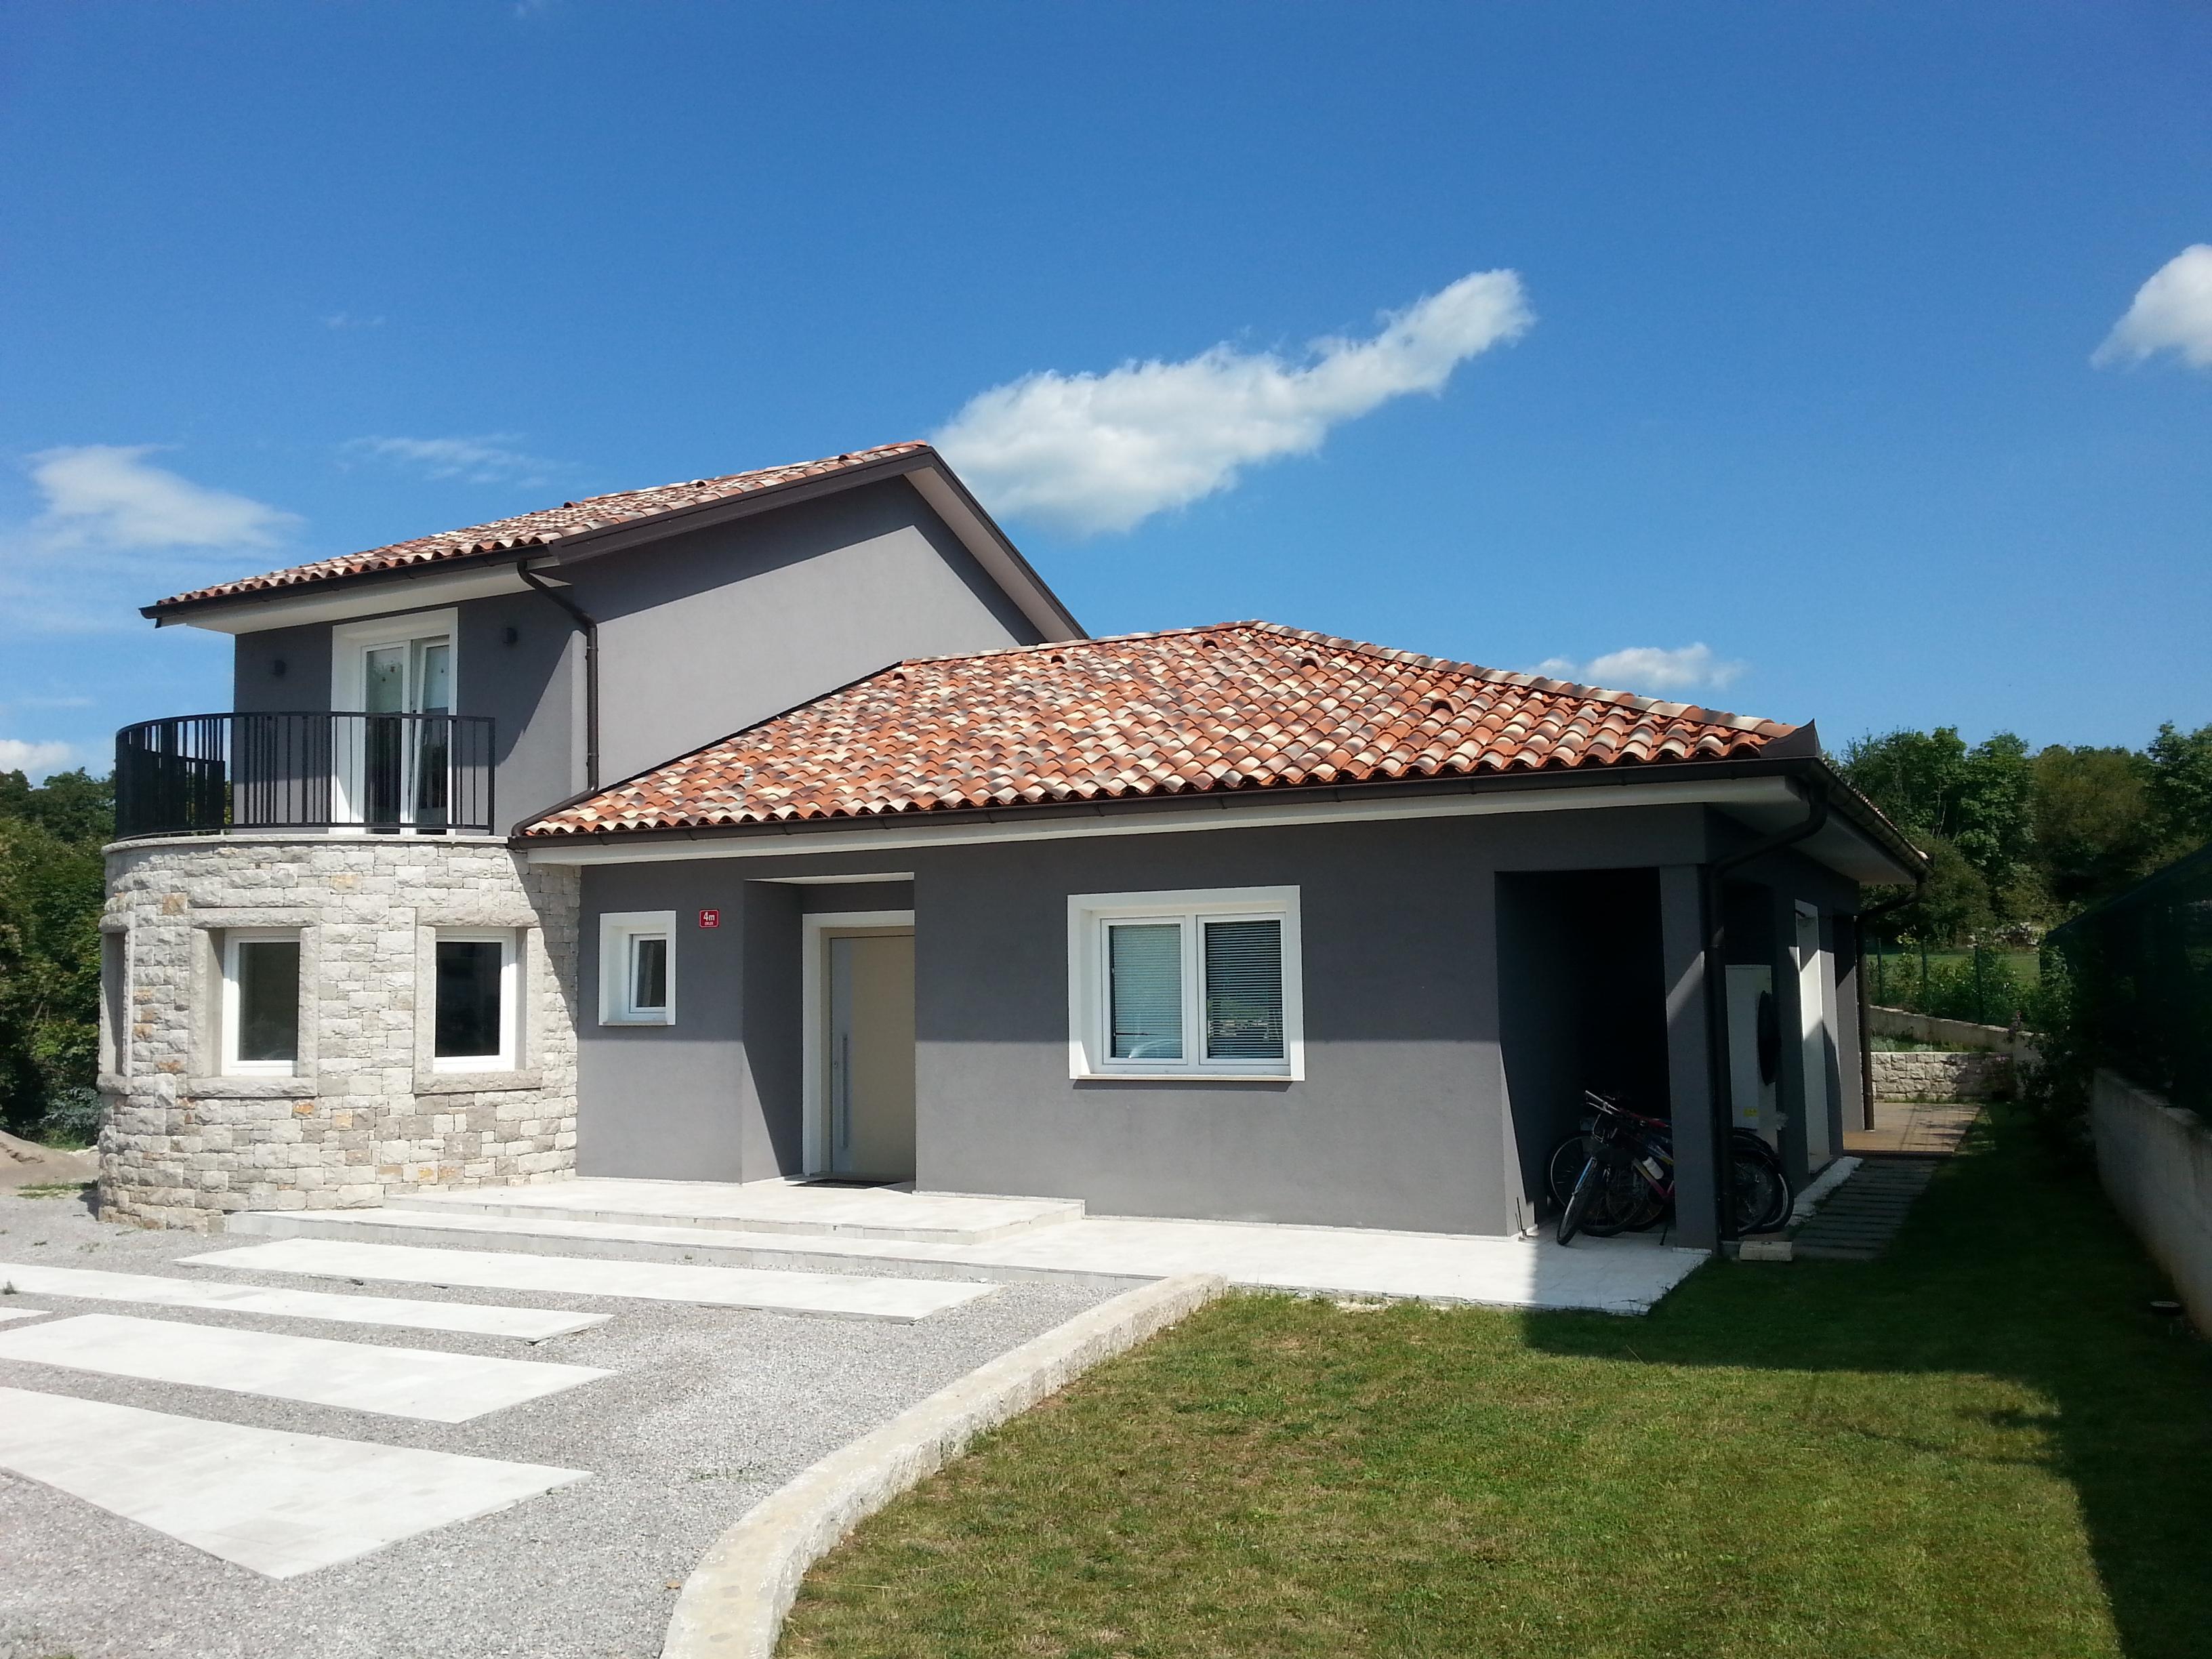 Vendita casa indipendente lokev primorska slovenia for Casa di vetro moderna in vendita